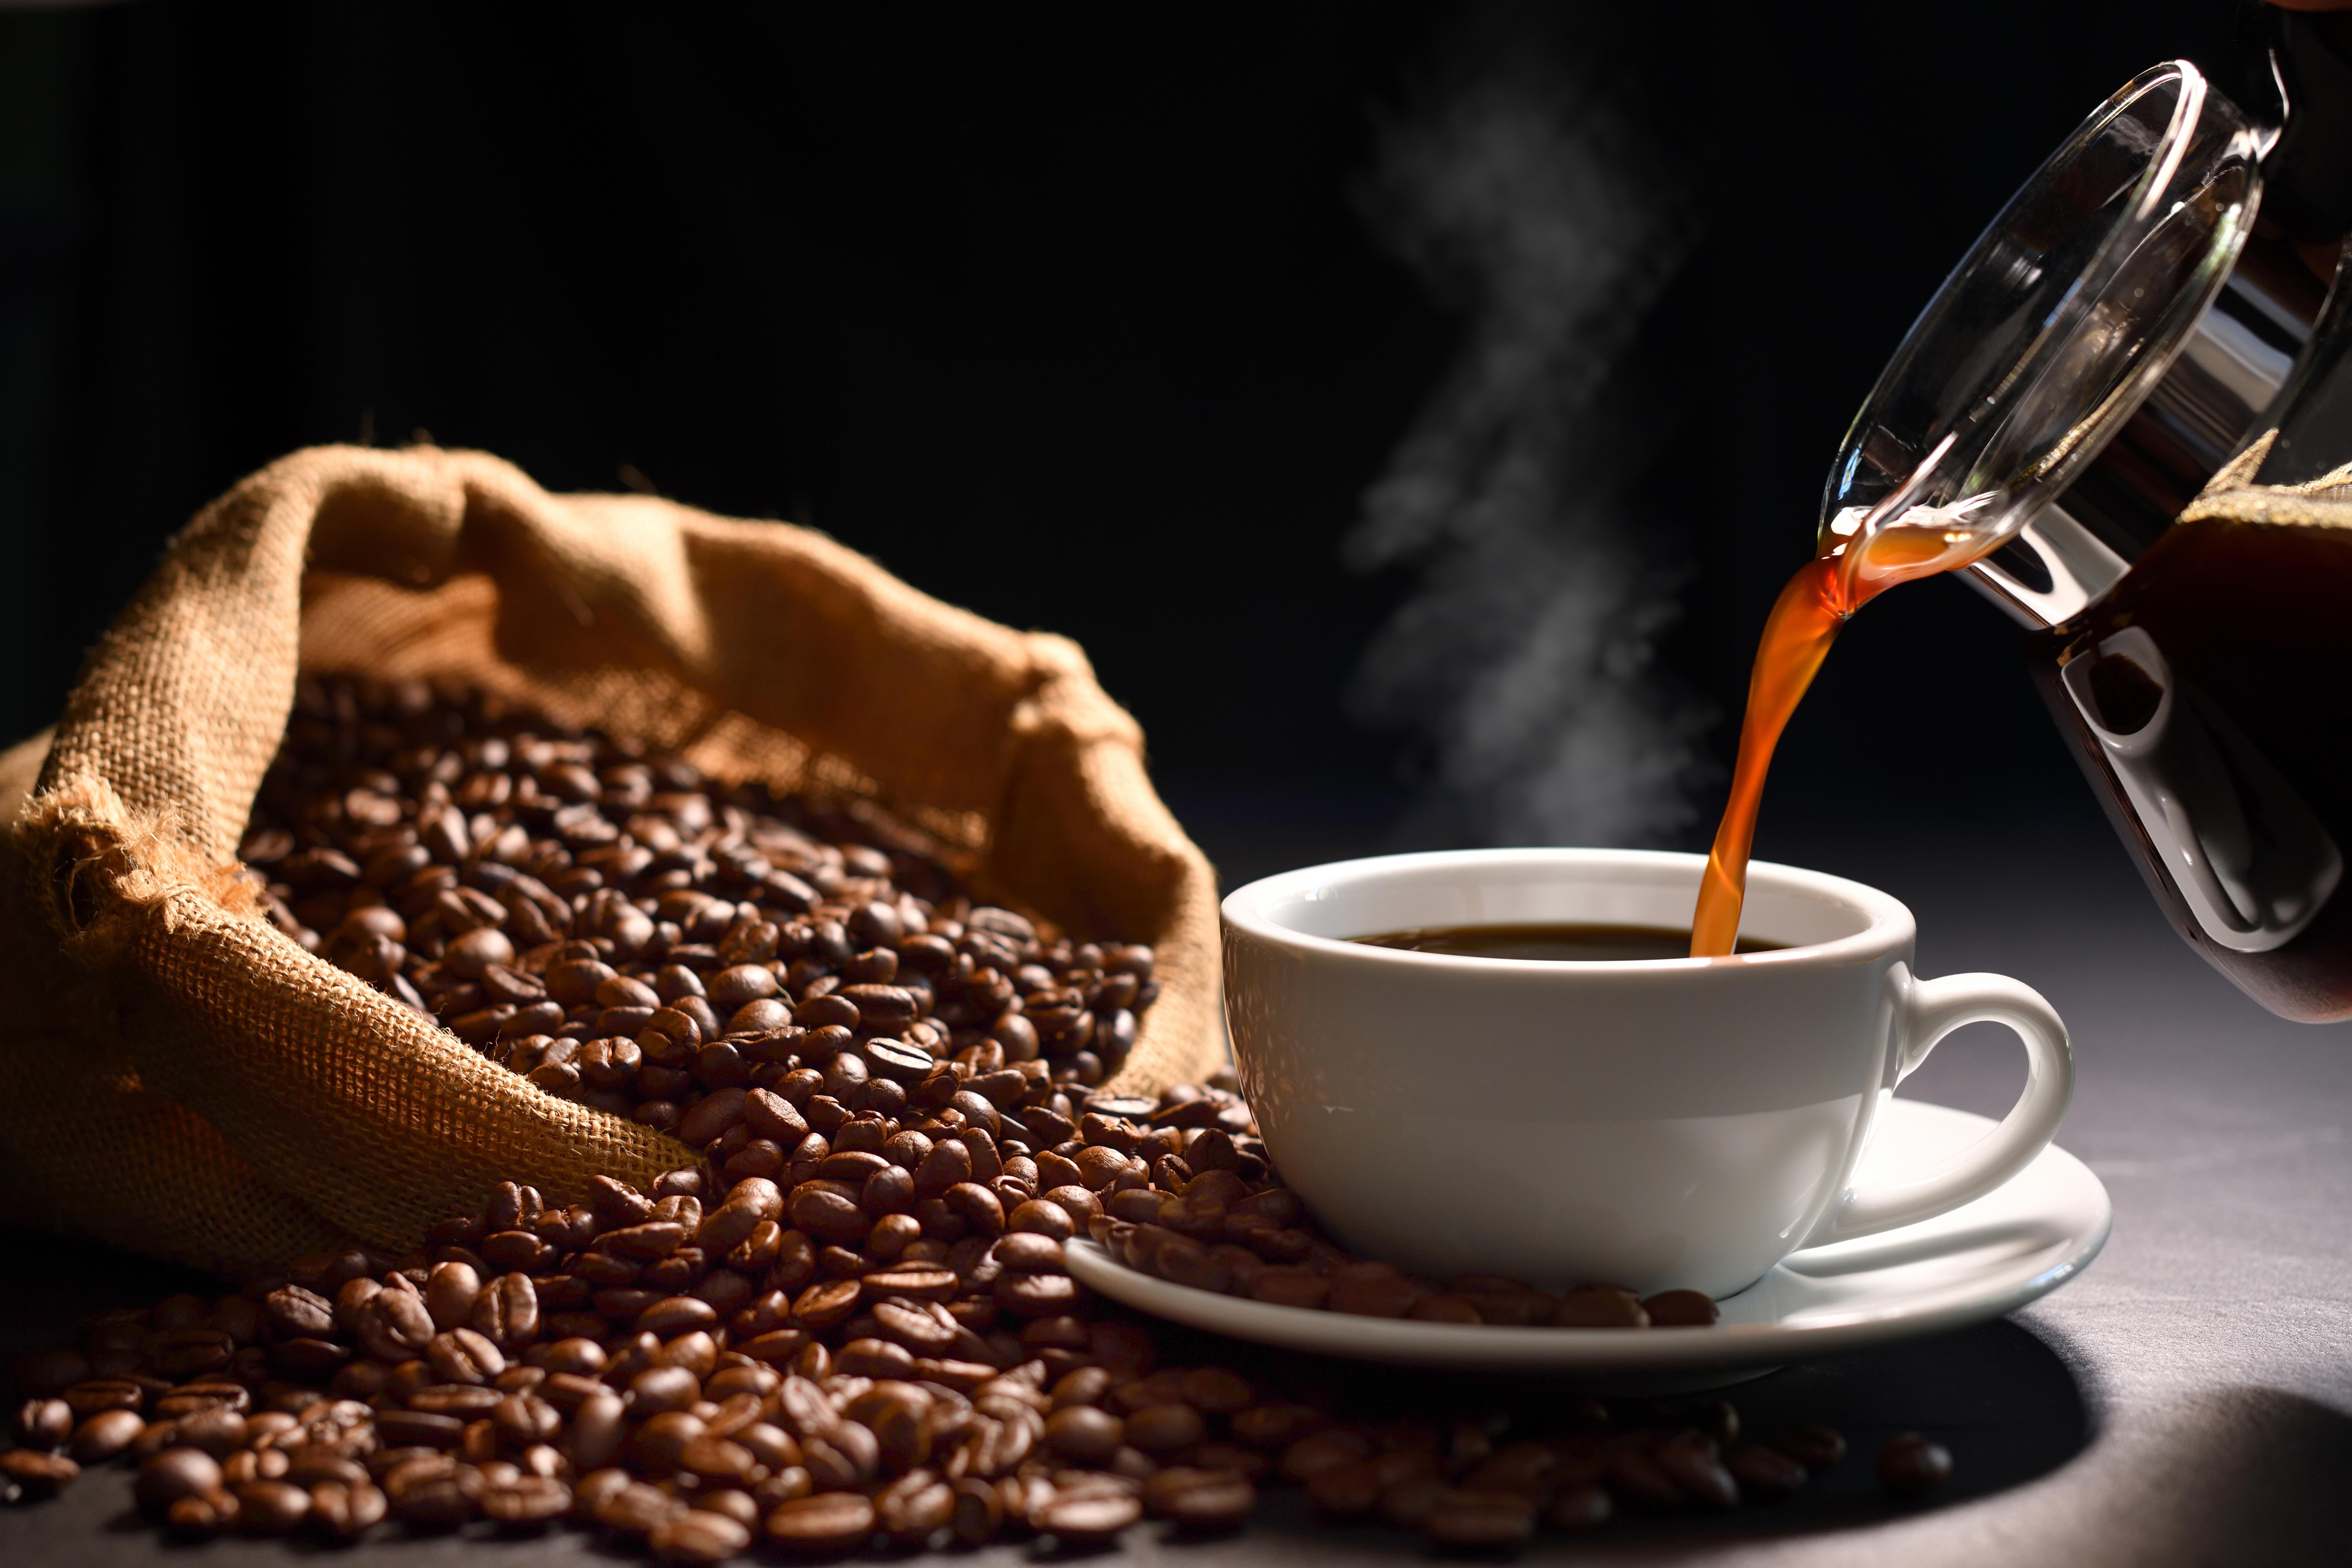 <p>Кафе Когато се консумира в умерени количества, кафето може да има положителен ефект, както физически, така и психологически. Редовното пиене на кафе обаче ще накара тялото ви да изгради толерантност, което ще намали силата на неговите ефекти. По-важното е, че ако редовно разчитате на кафето, вместо на качествената храна и сън, то може да източи енергията ви.</p>